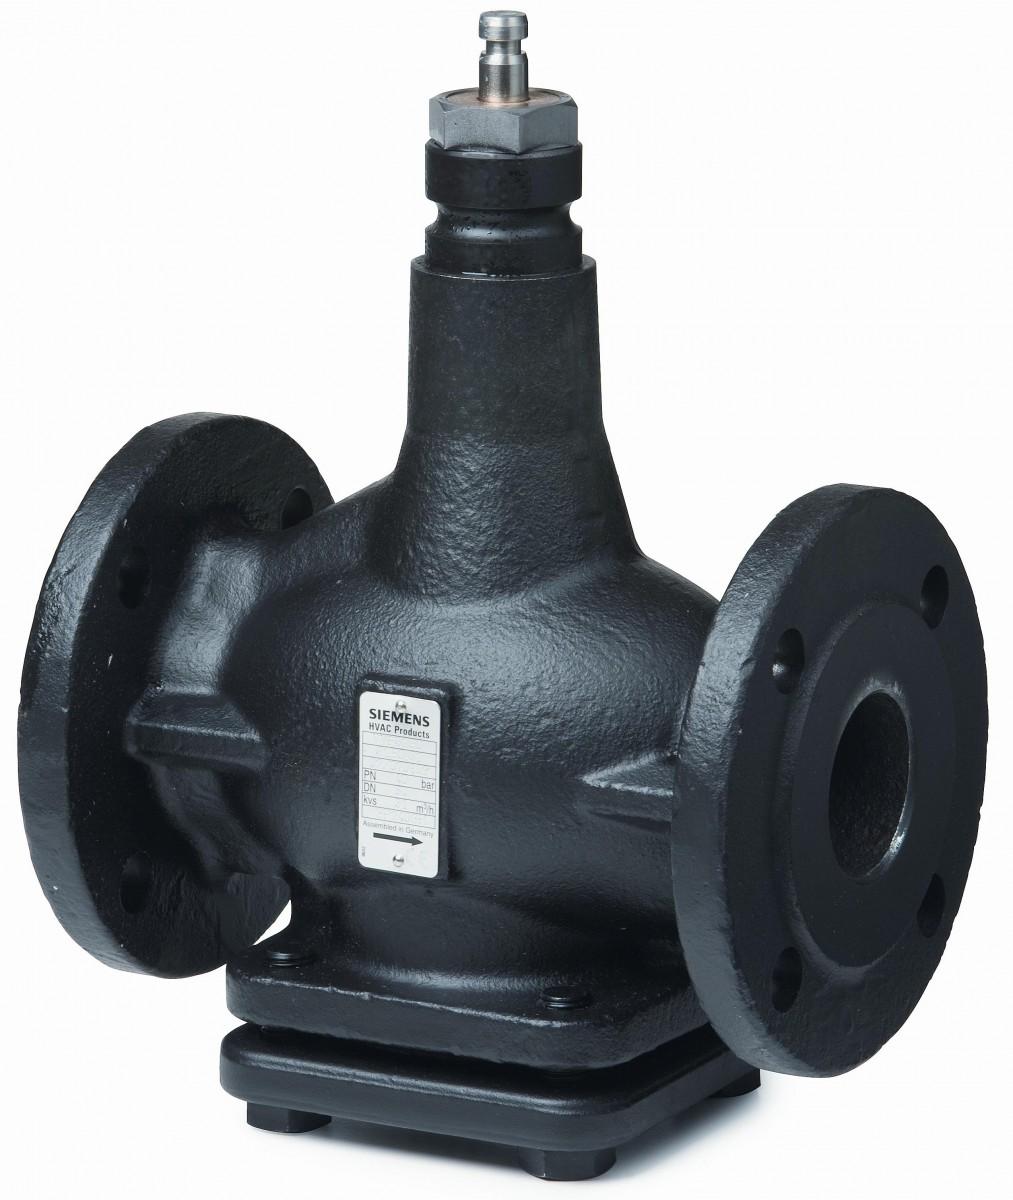 Клапан 3-х ходовой с PTFE уплотнением по штоку, Kv=100